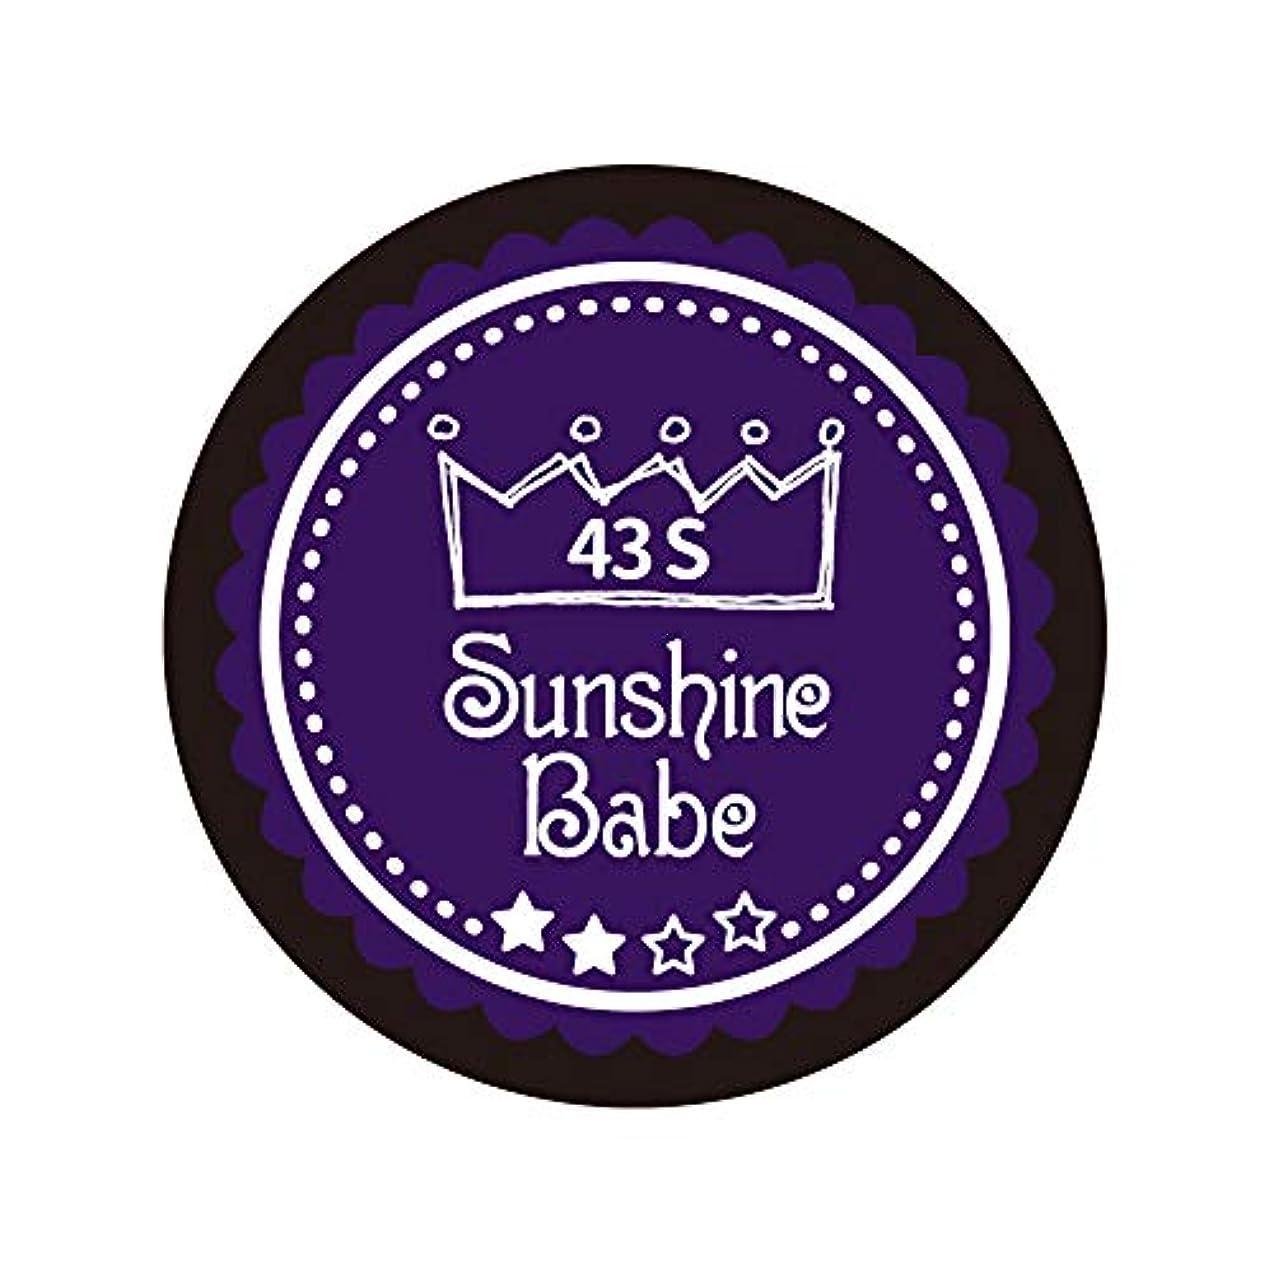 部分上流の浮浪者Sunshine Babe カラージェル 43S オータムウルトラバイオレット 2.7g UV/LED対応